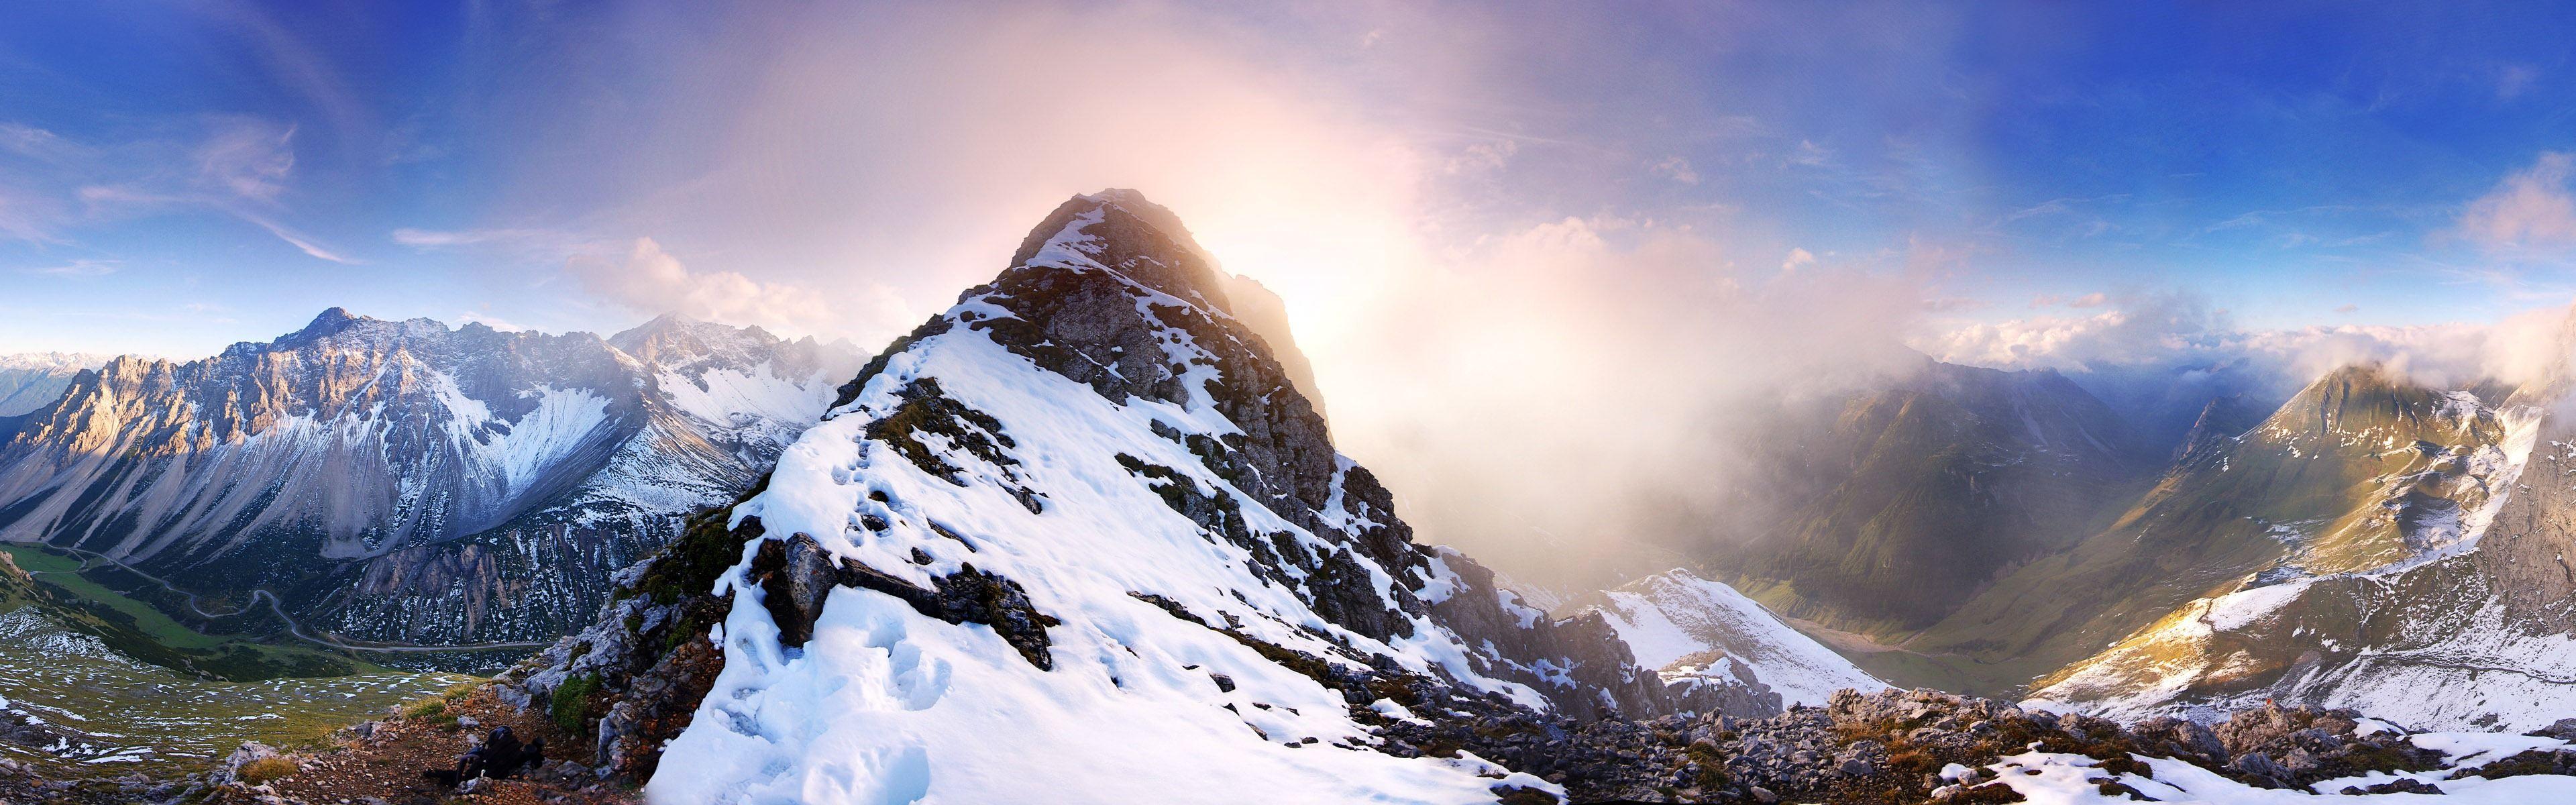 Windows 8 Fond D Ecran Officiel Panoramique Les Vagues Les Forets Les Montagnes Majestueuses 1 3840x1200 Foret Montagnes Fond Ecran